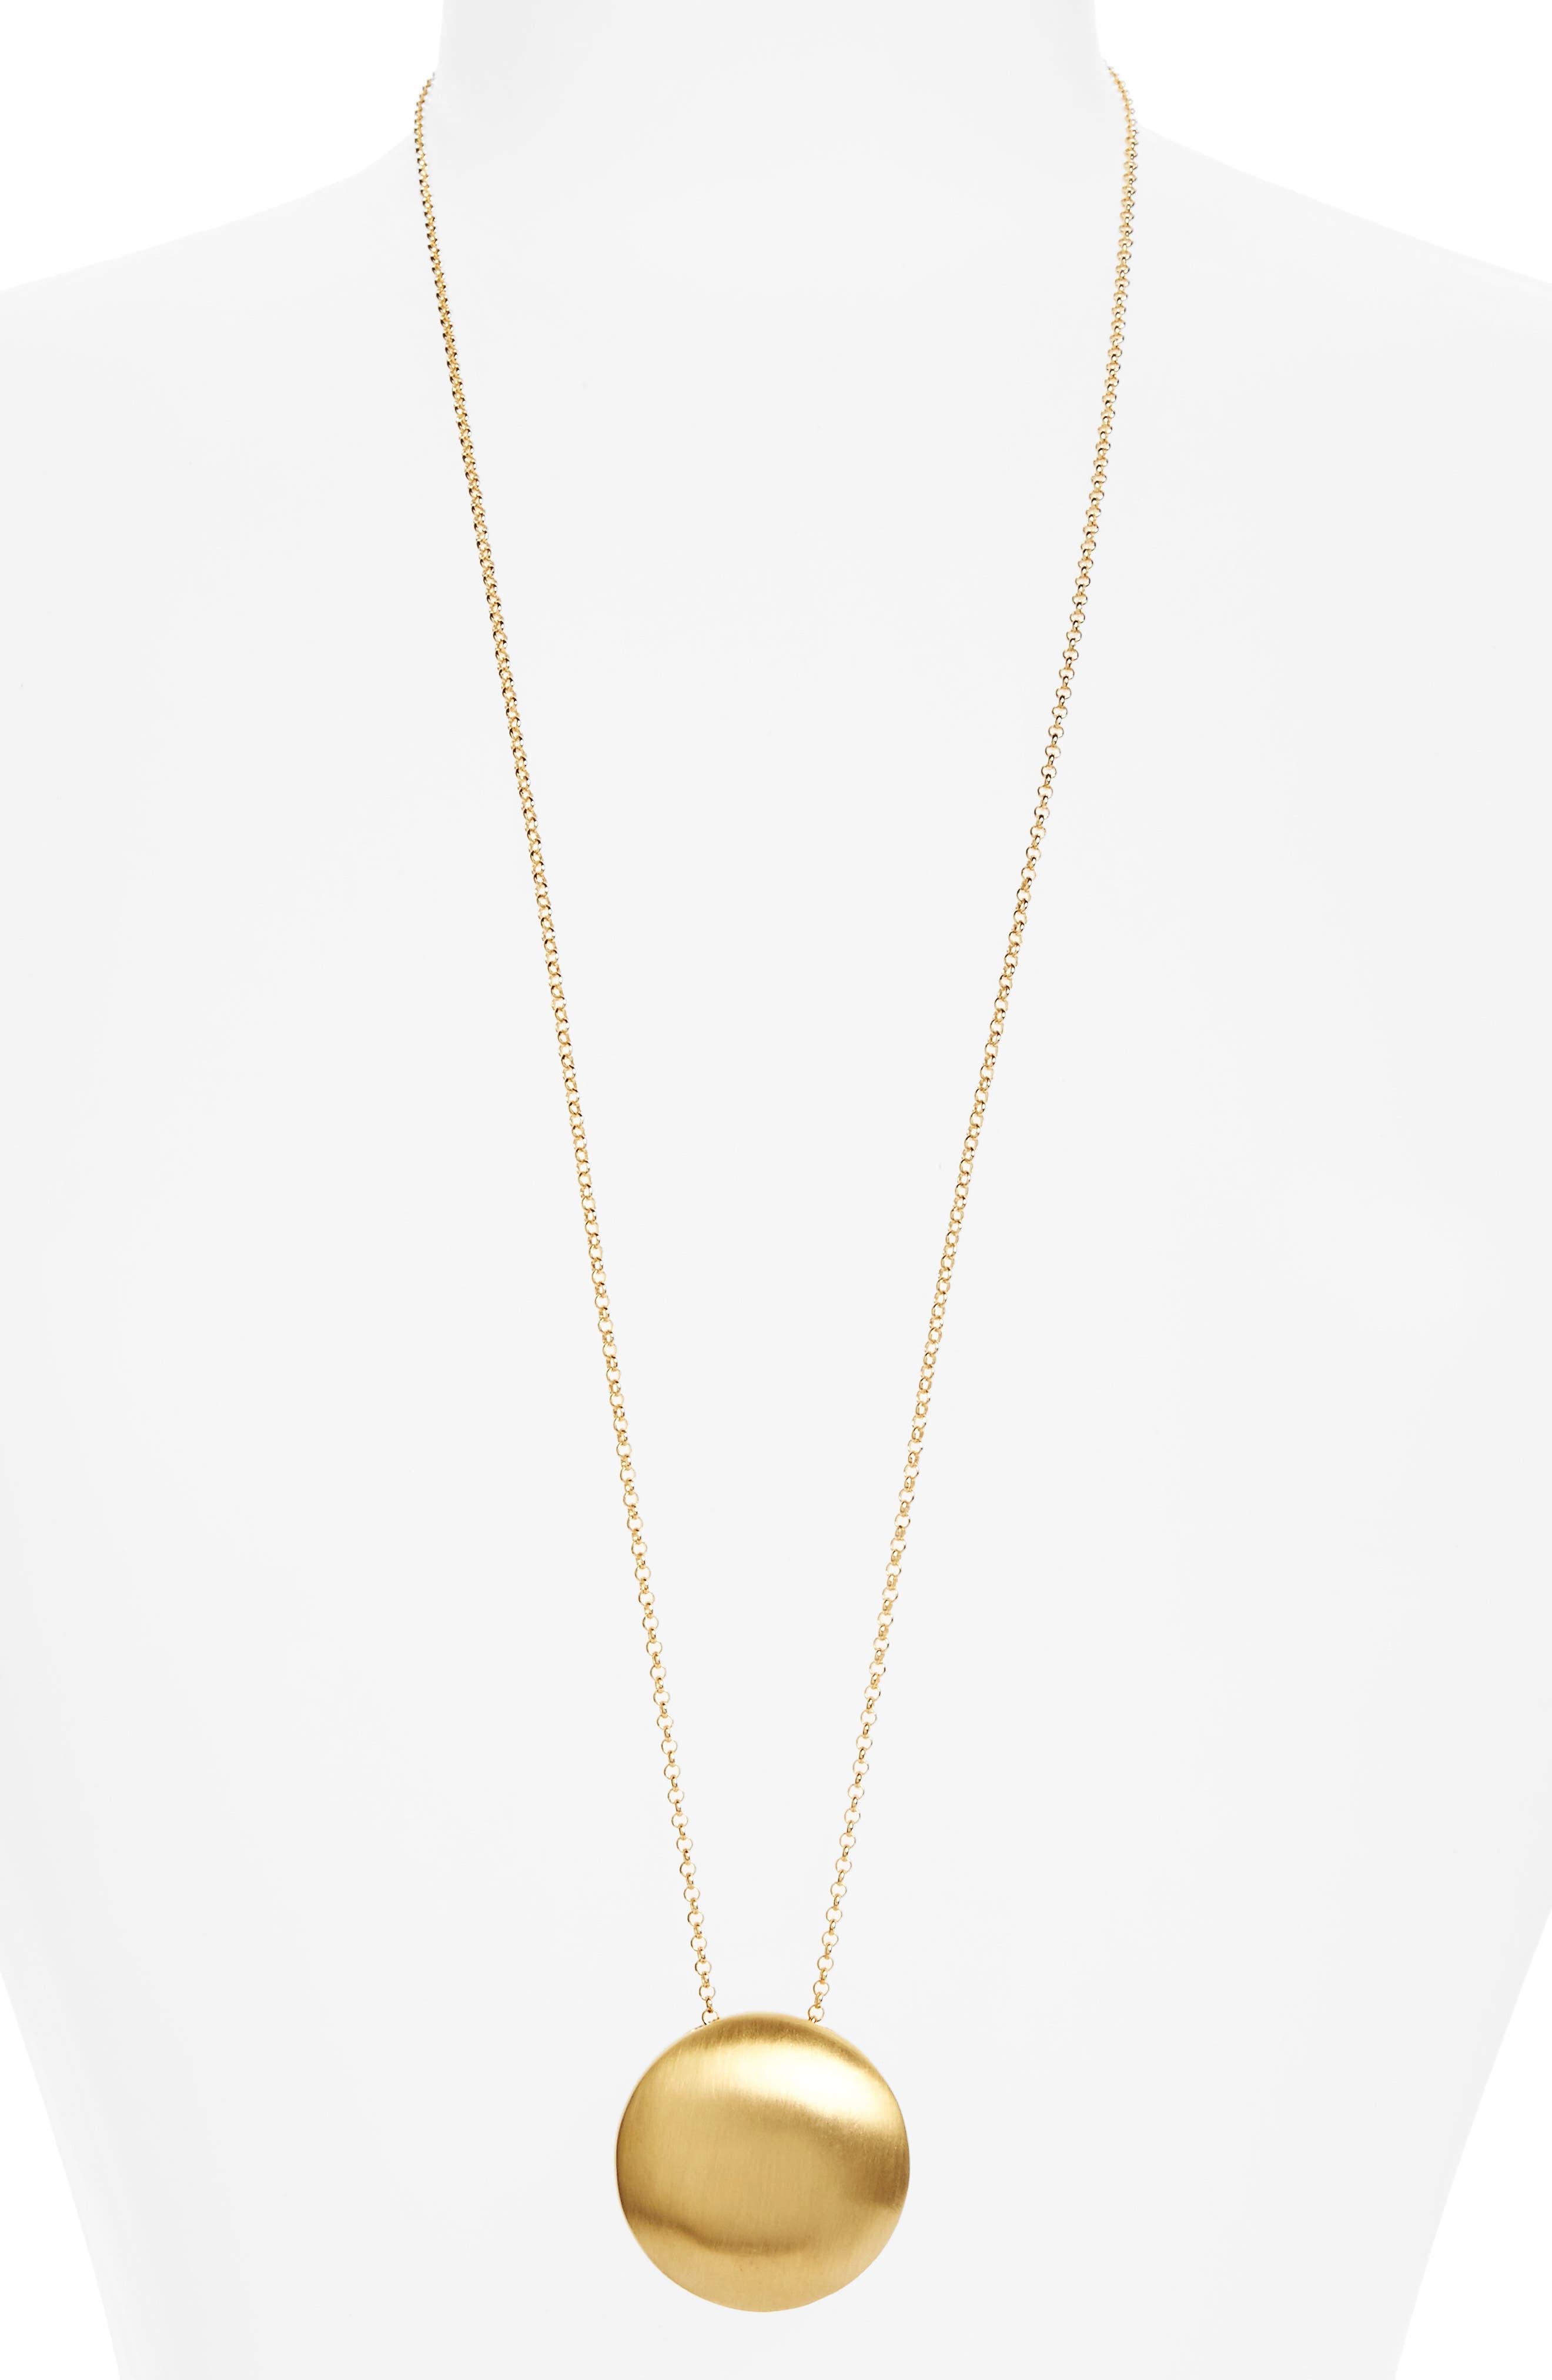 Sphere Pendant Necklace,                             Main thumbnail 1, color,                             Gold